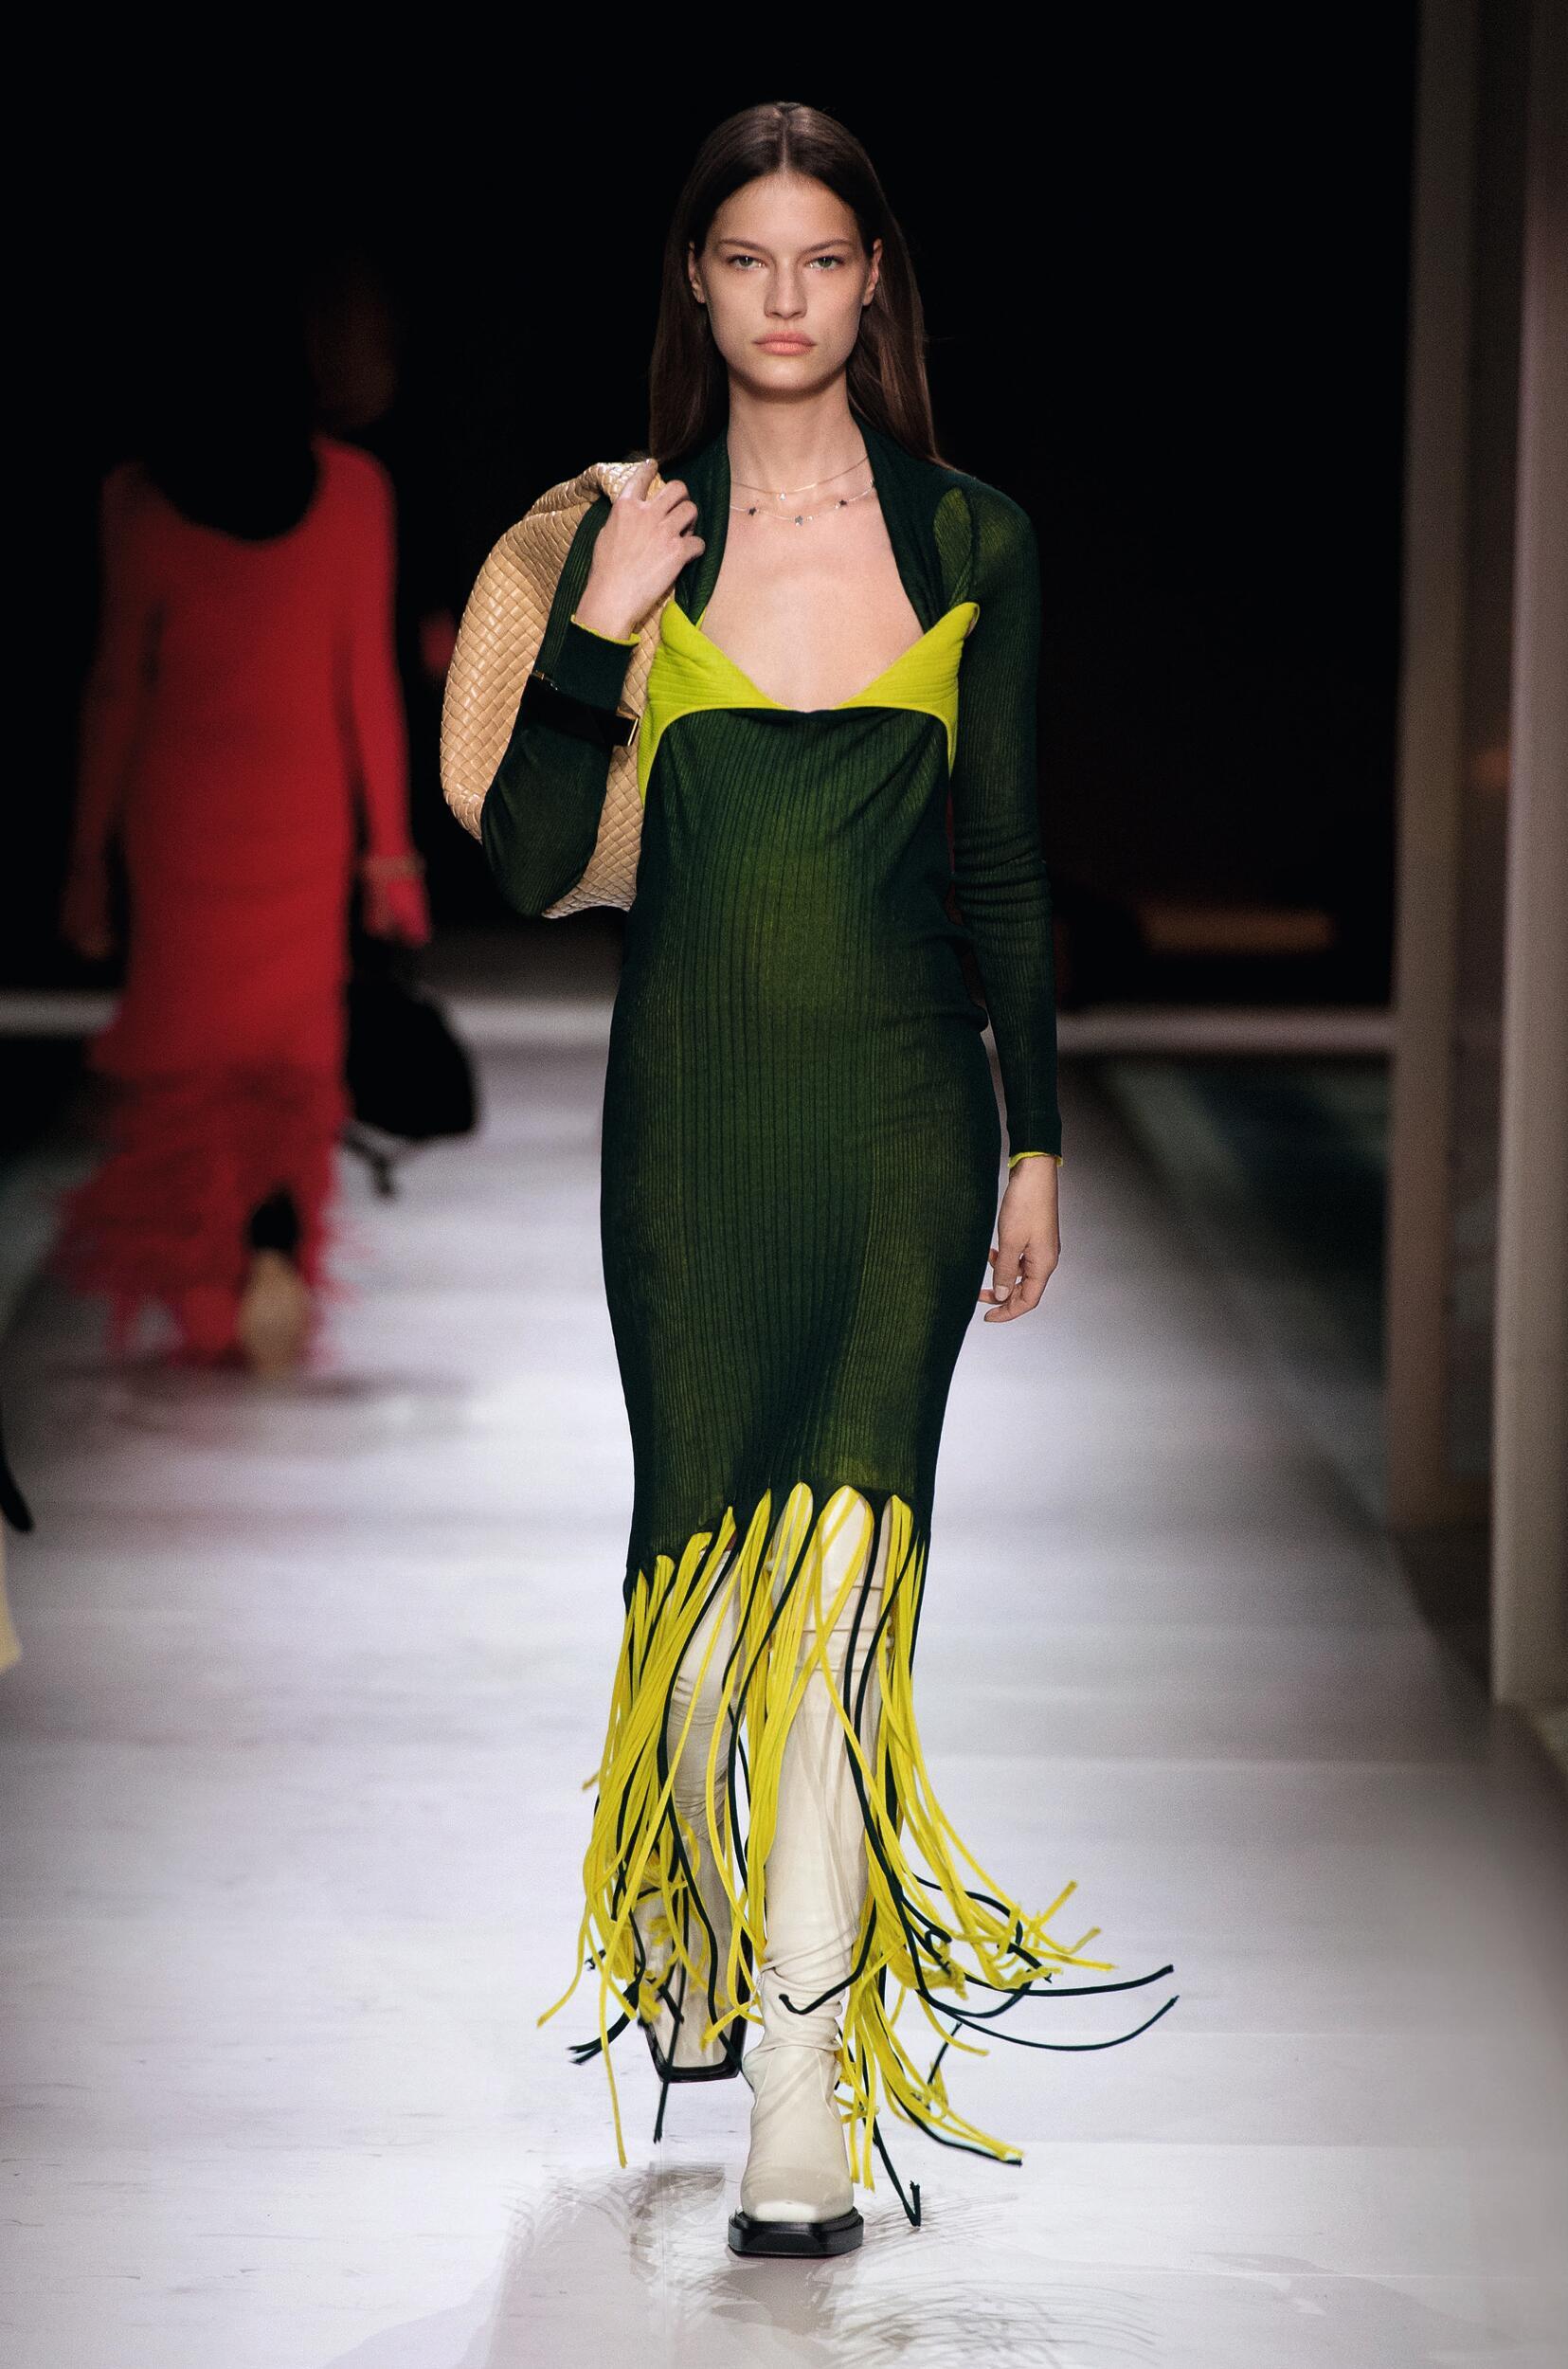 Catwalk Bottega Veneta Women Fashion Show Winter 2020